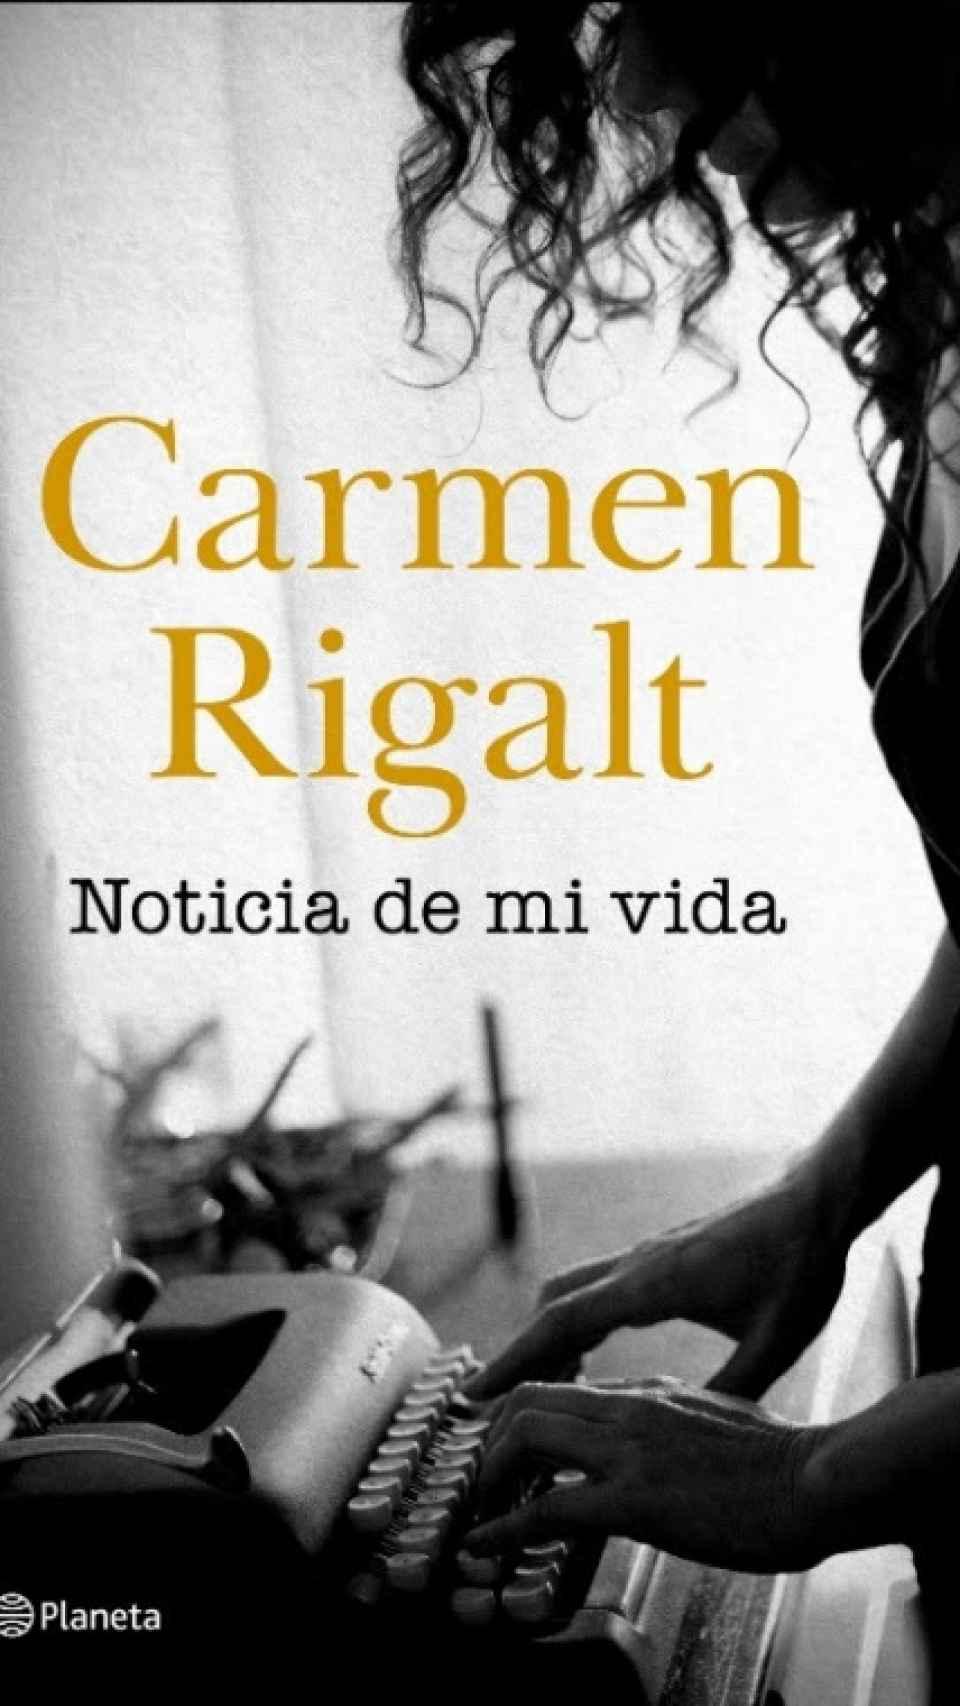 Portada del nuevo libro de Carmen Rigalt. Planeta.